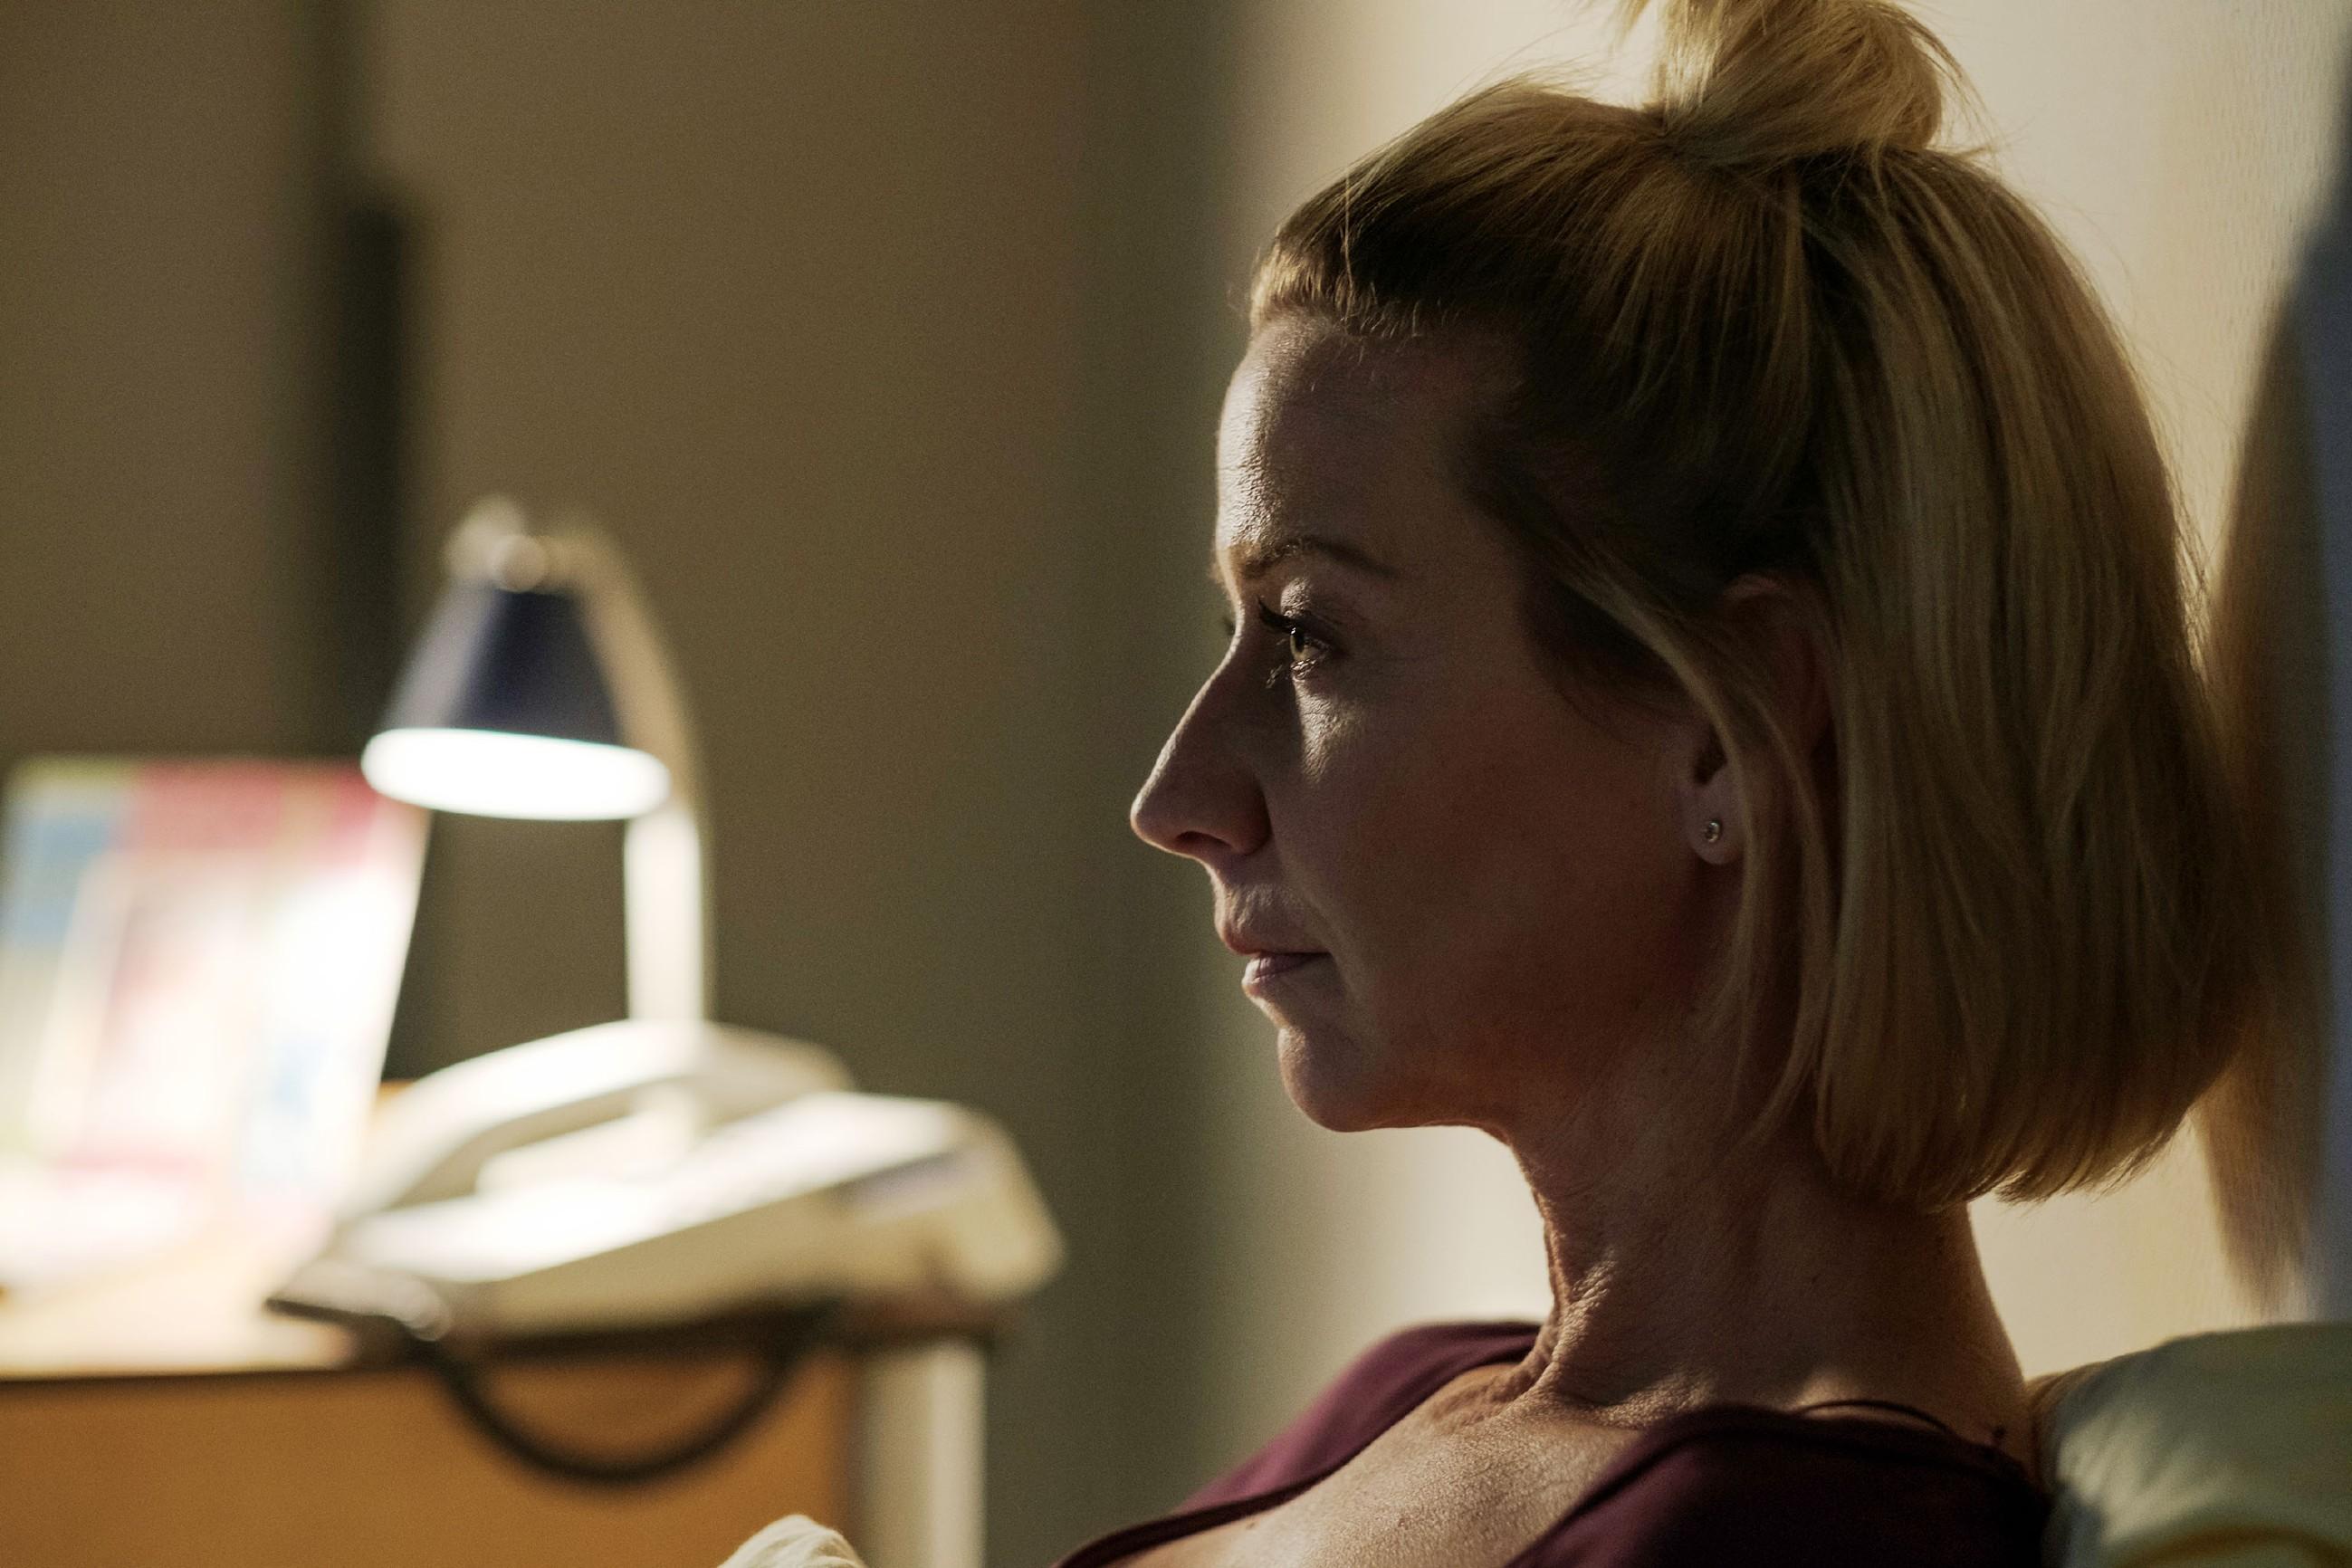 Allmählich ergreift Ute (Isabell Hertel) die Angst, dass ihr Maja durch die erzwungene Trennung immer fremder wird... (Quelle: RTL / Stefan Behrens)